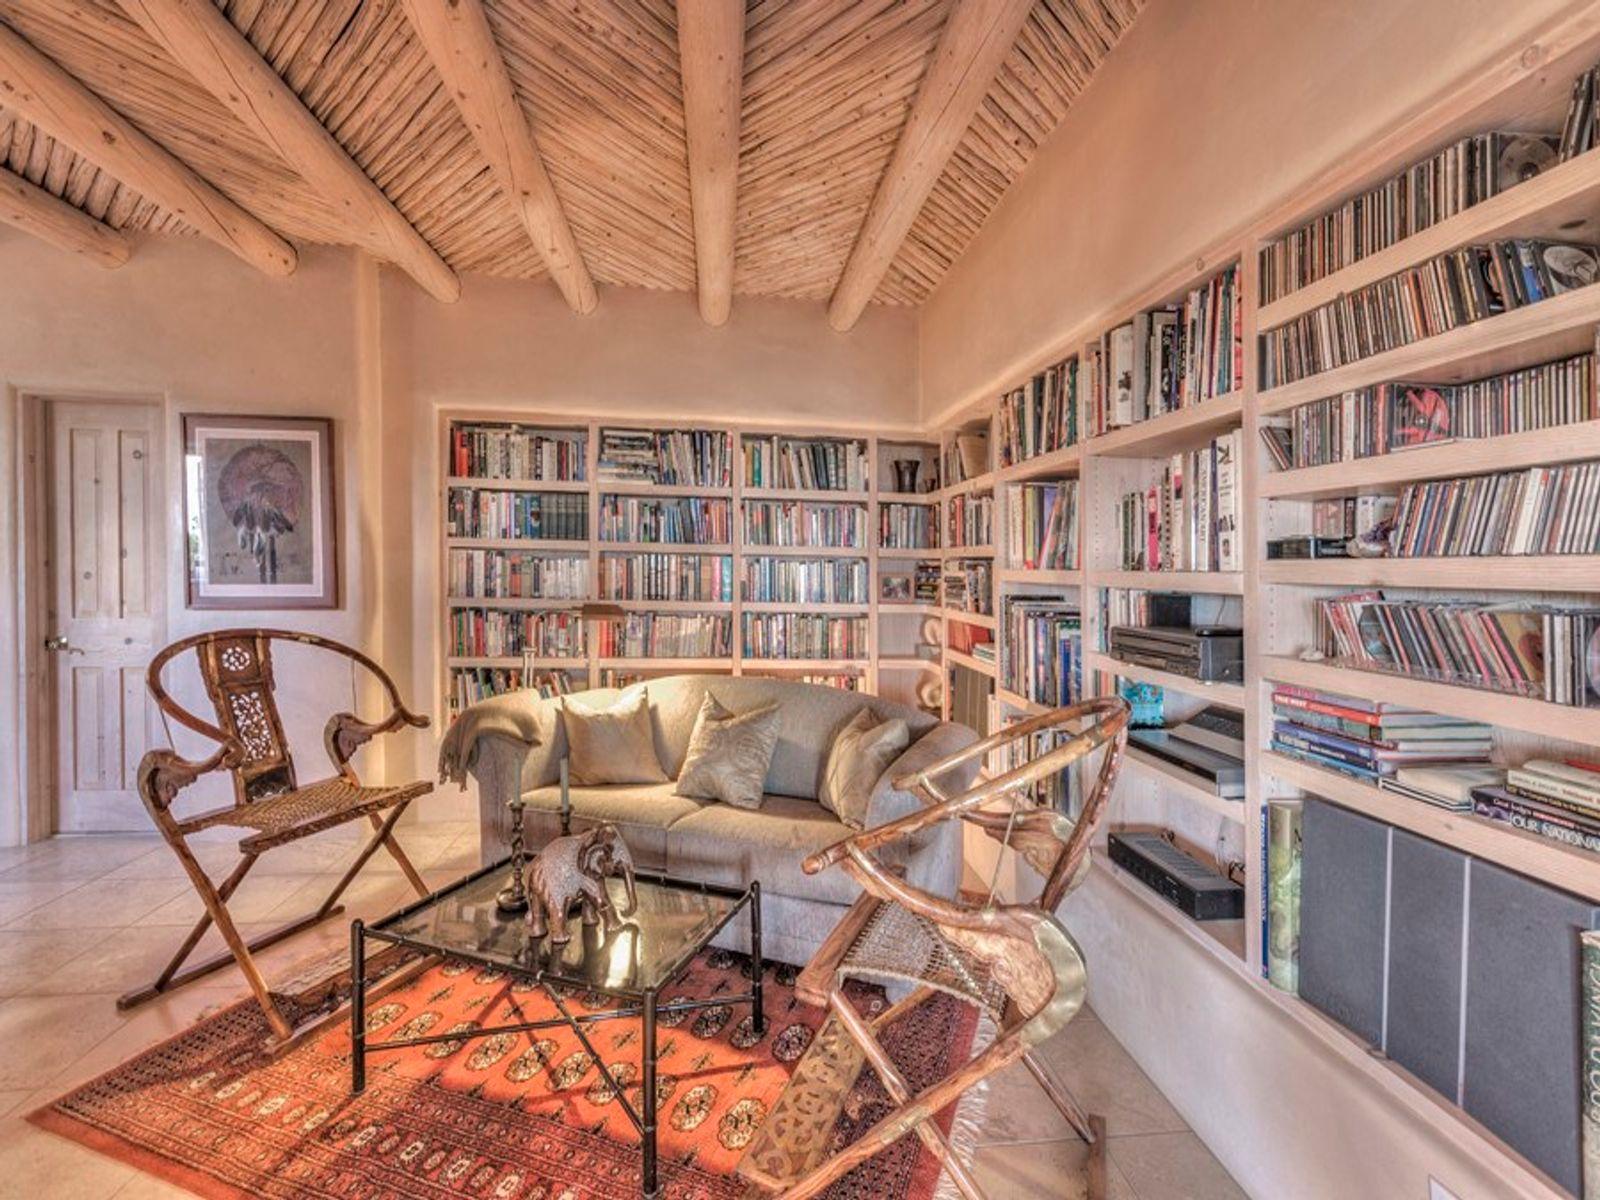 Library/Studio